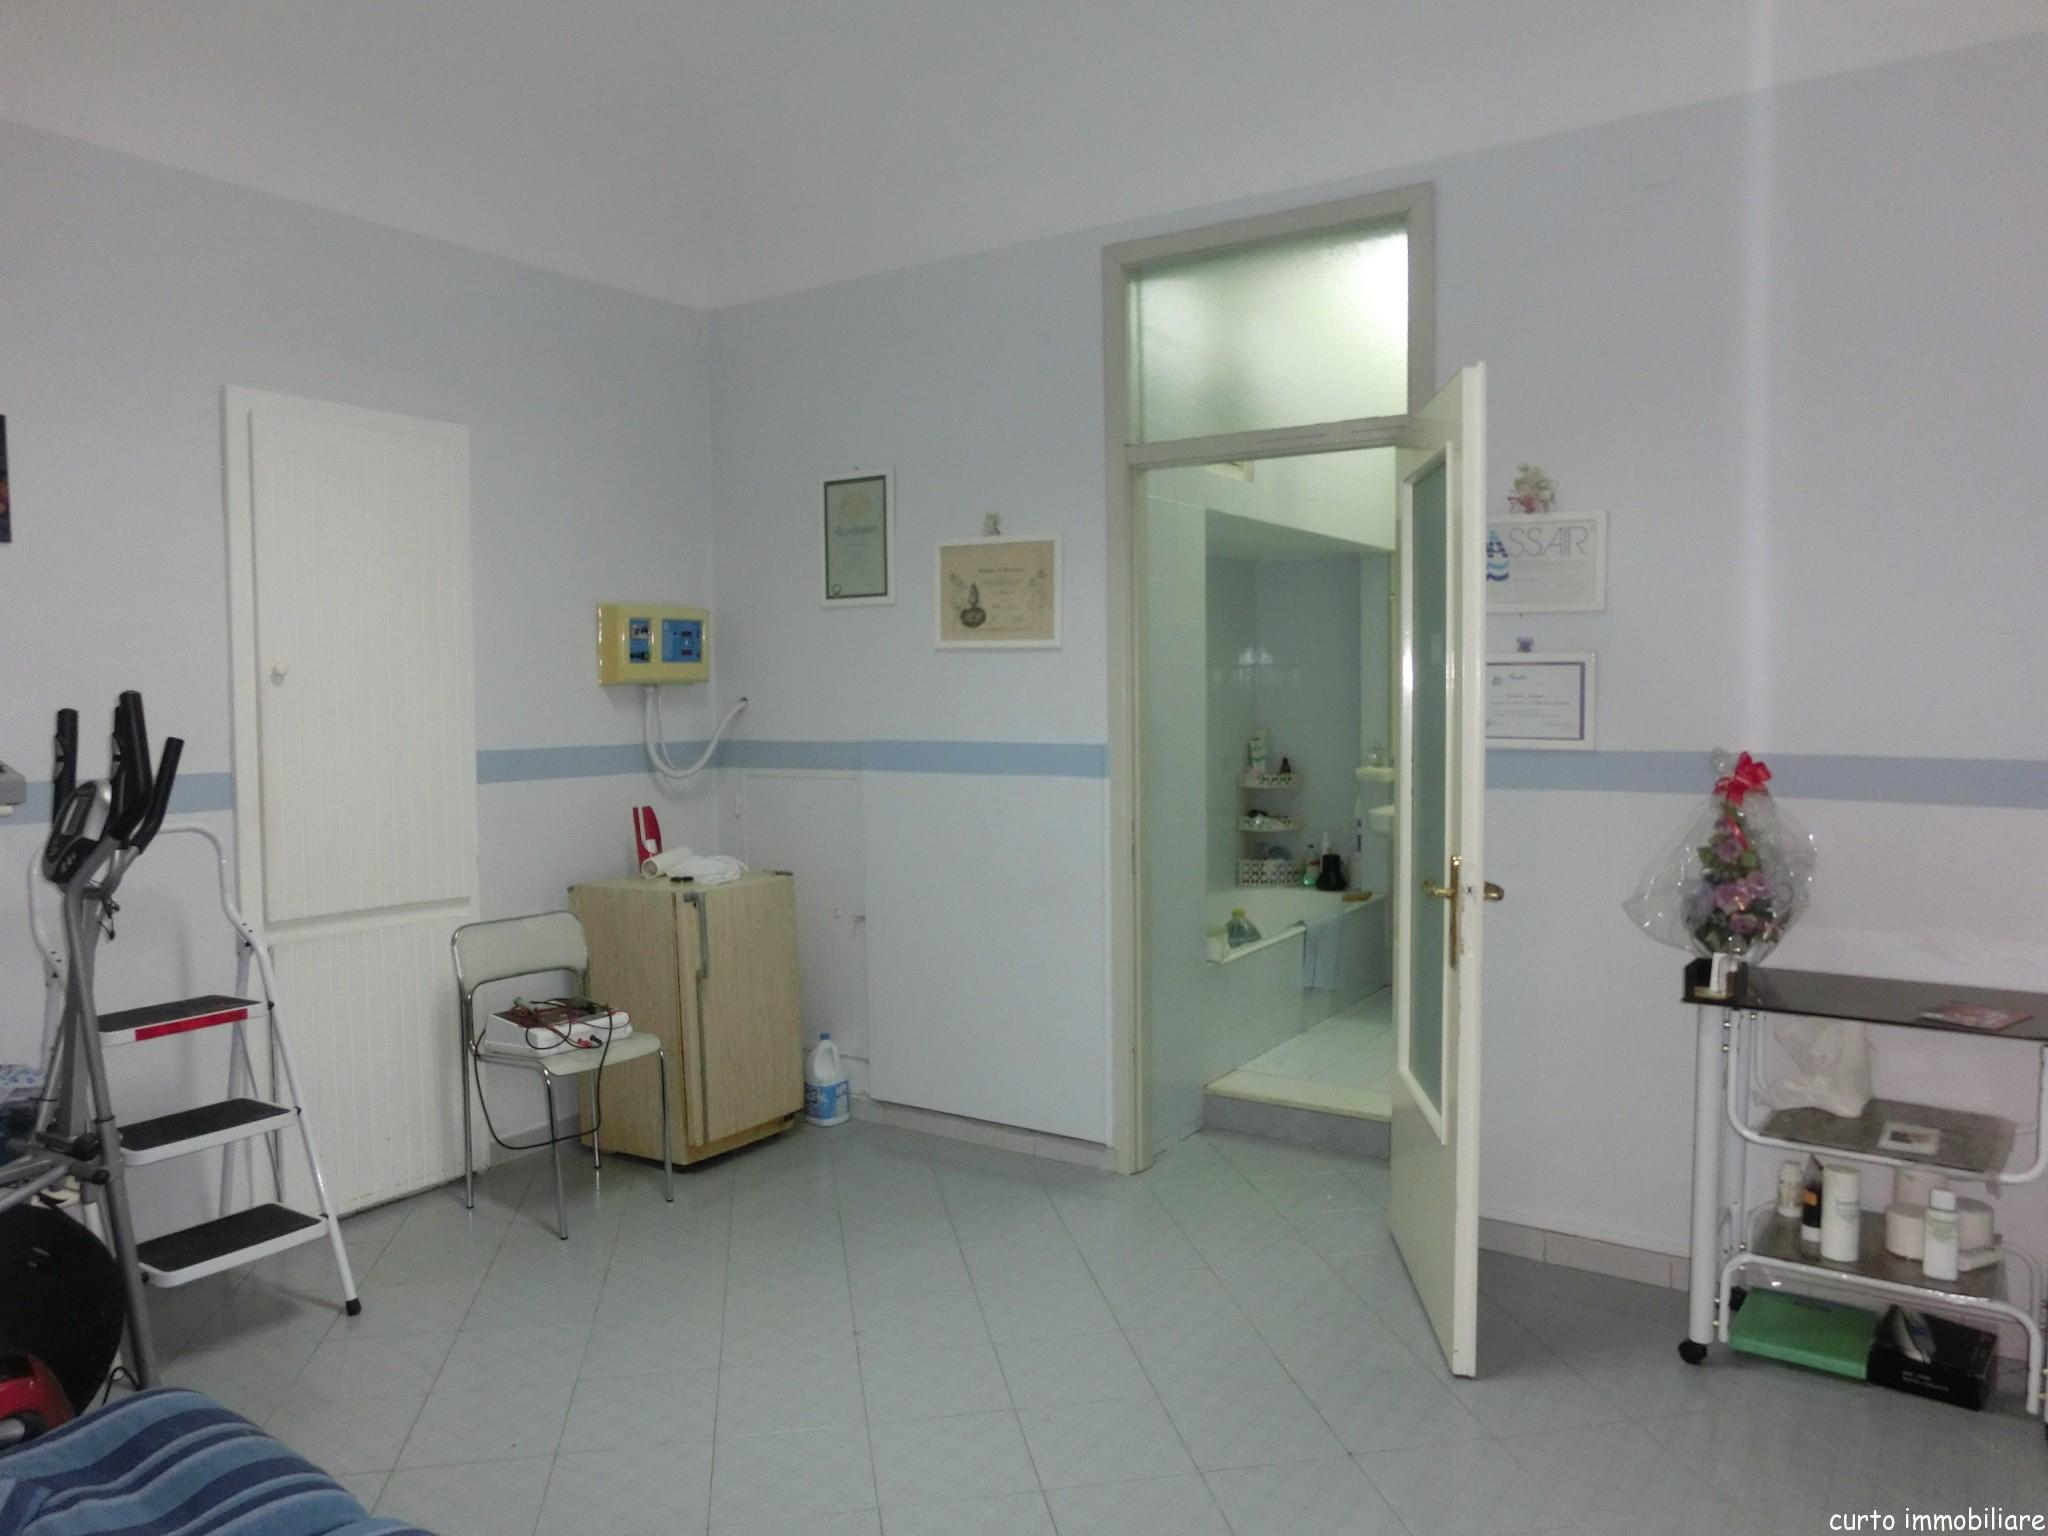 CIMG9539